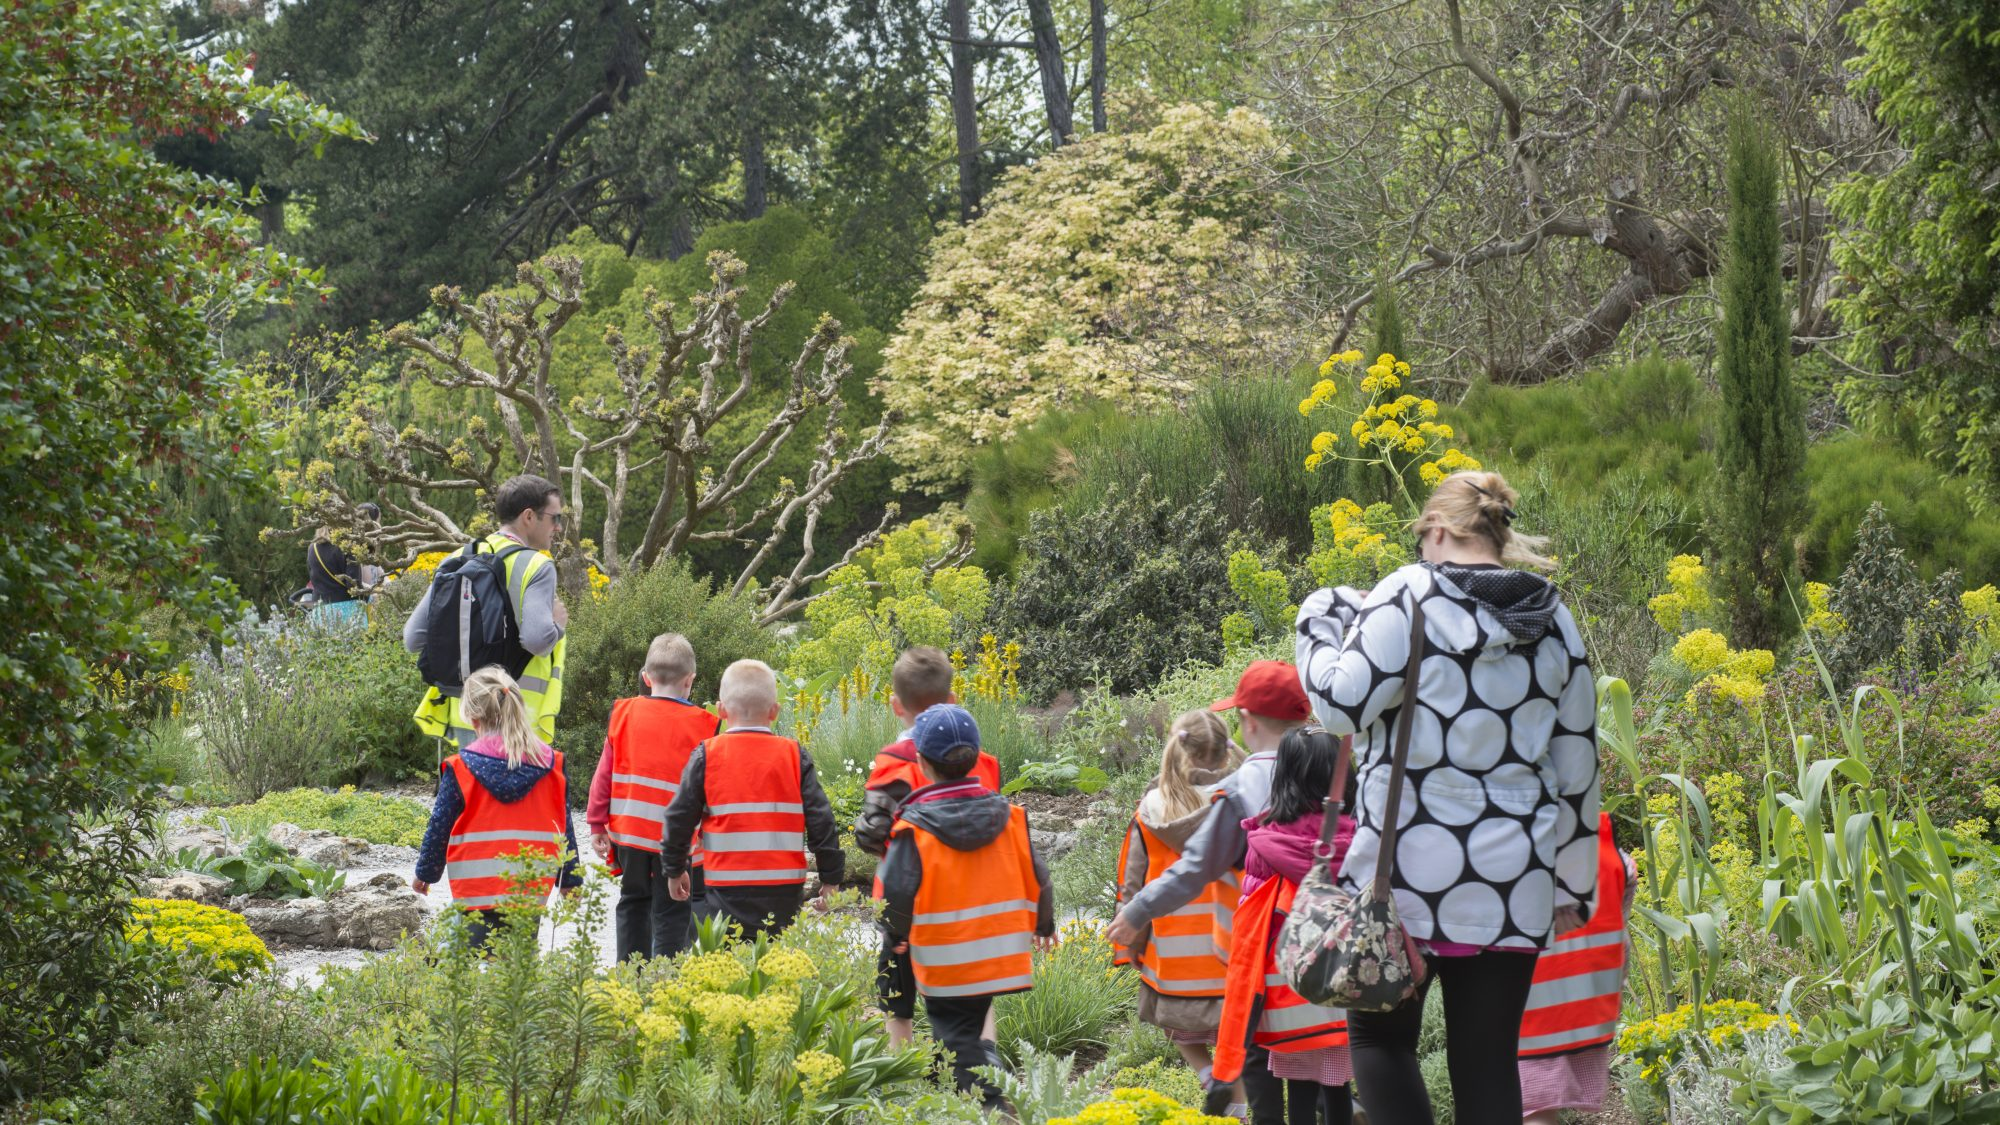 School children enjoying a tour of the garden.